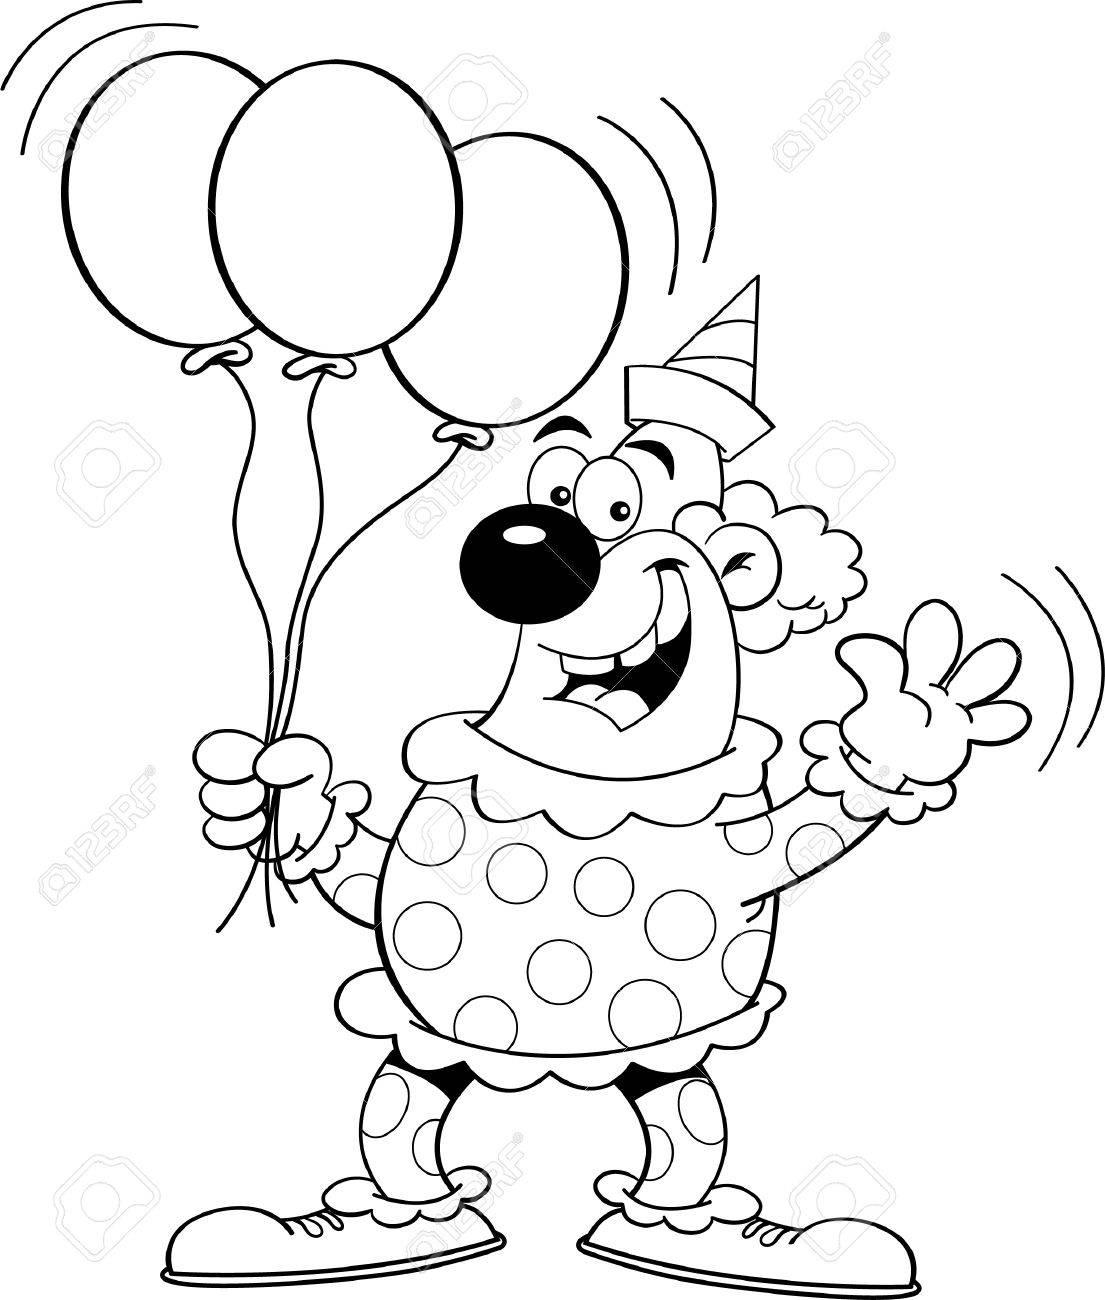 Schön Clown Mit Luftballons Malvorlagen Fotos - Druckbare ...